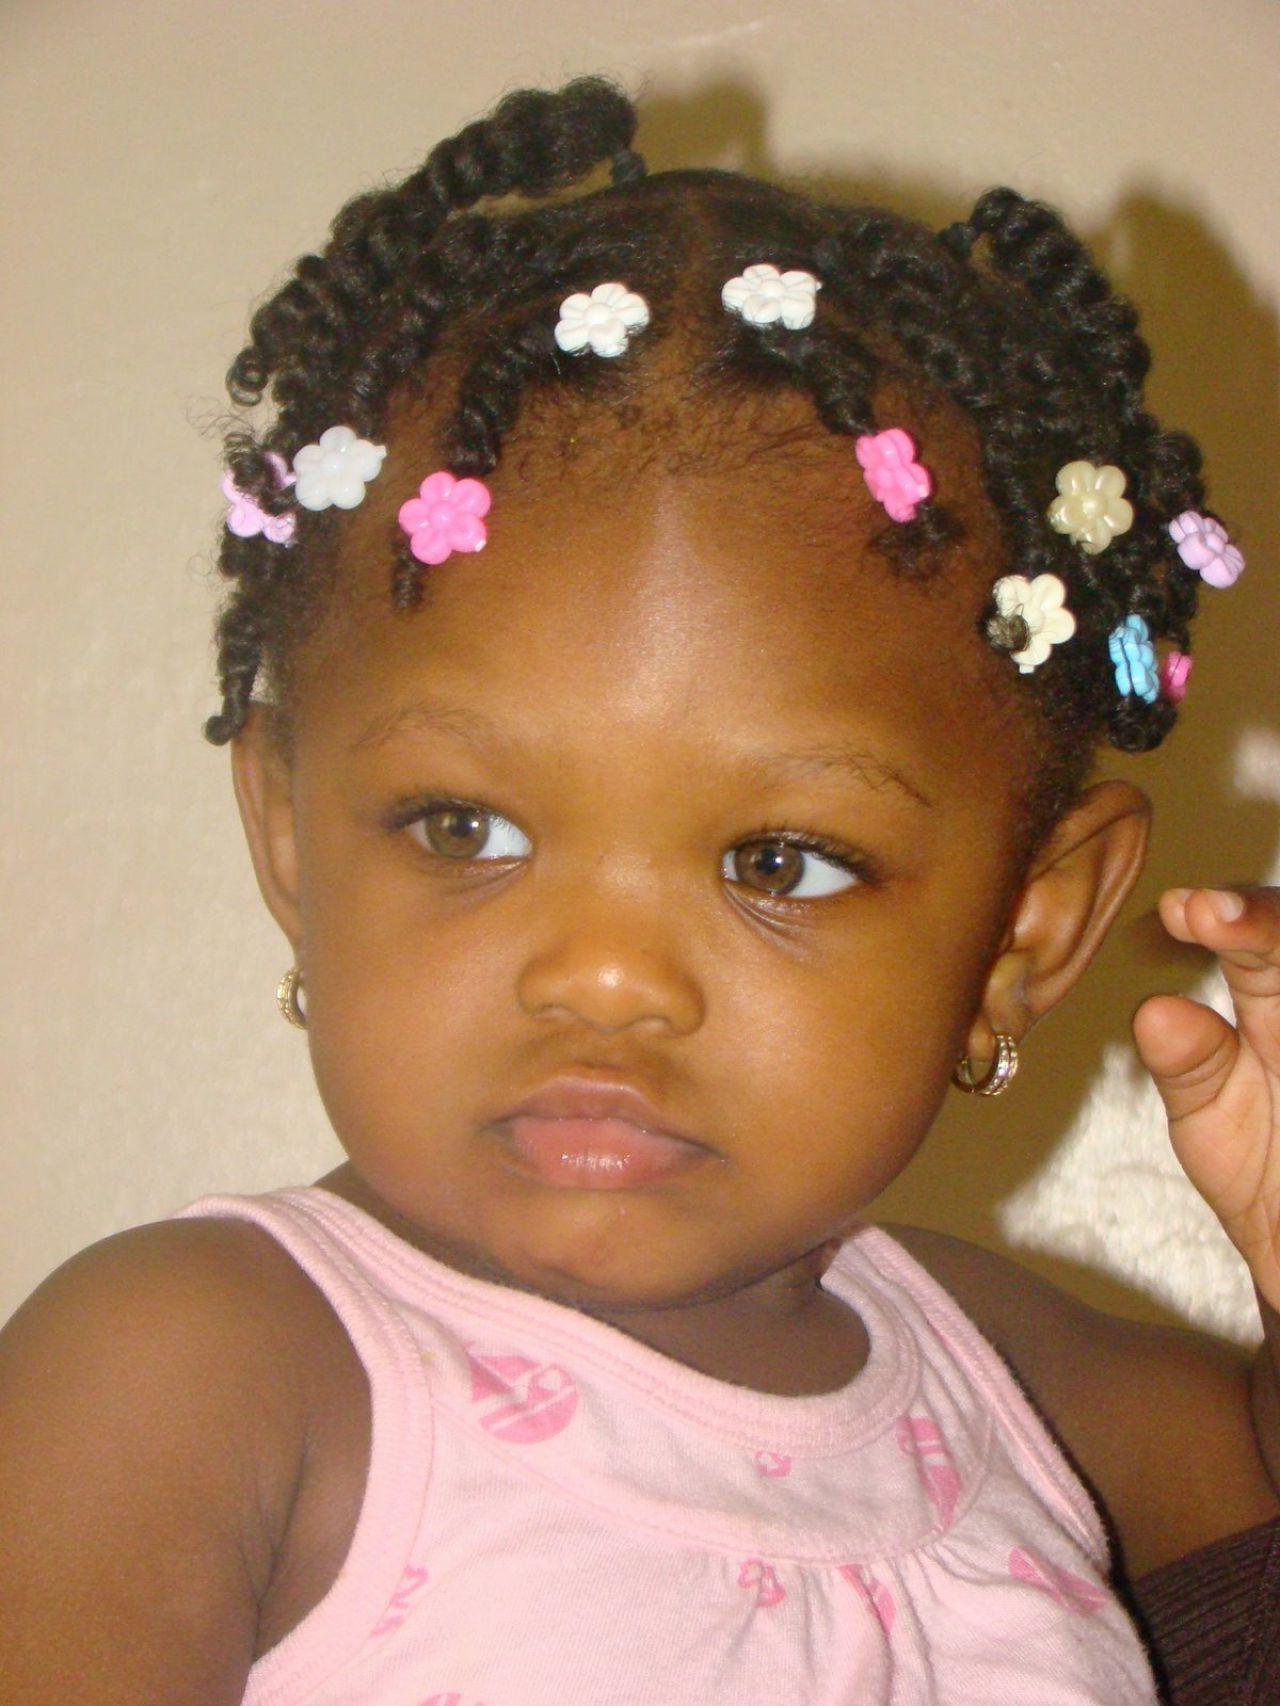 64 Peinados Trenzados Frescos Para Niñas Negras | Peinados Faciles In Black Baby Hairstyles For Short Hair (Gallery 10 of 25)